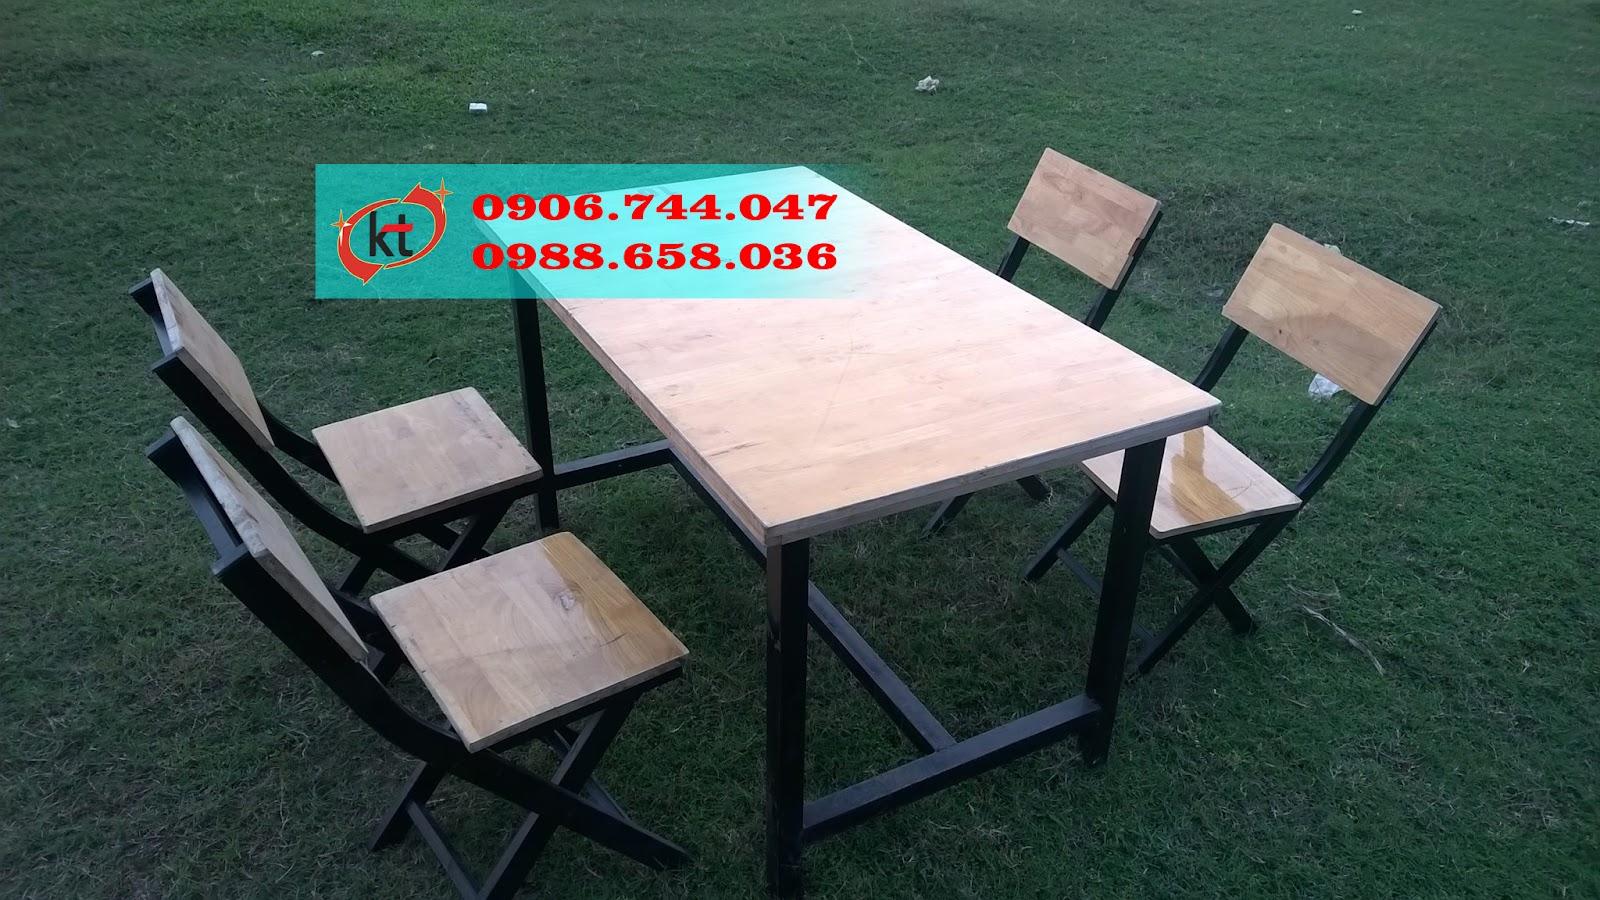 1Bộ bàn ghế gỗ ép.jpg